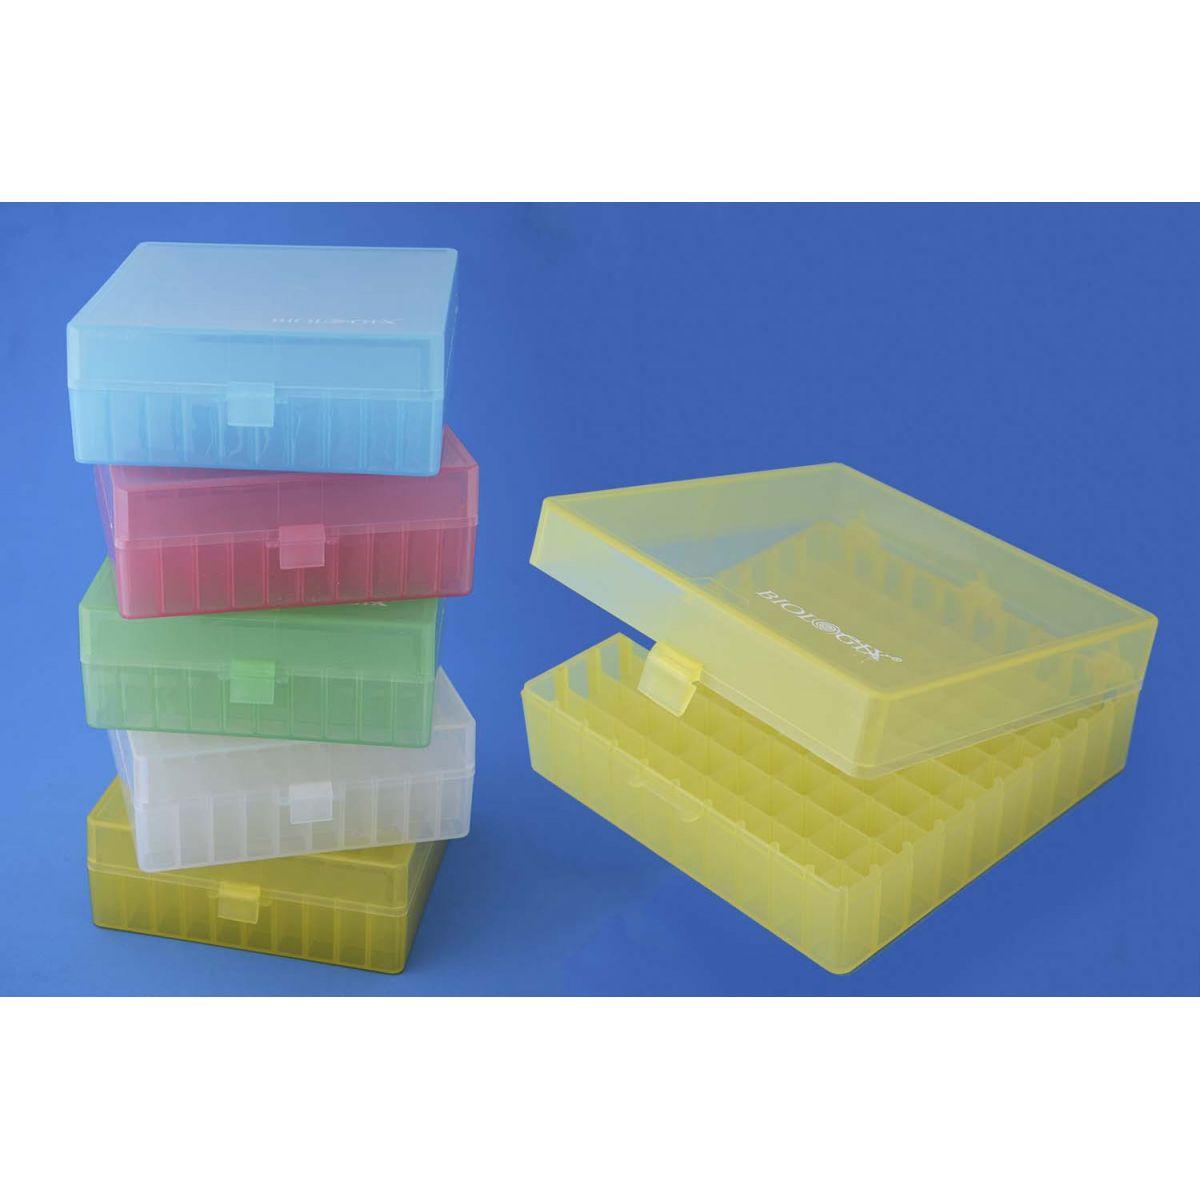 Caixa de polipropileno para MIcrotubos criogênicos 100 tubos  - loja.laborglas.com.br